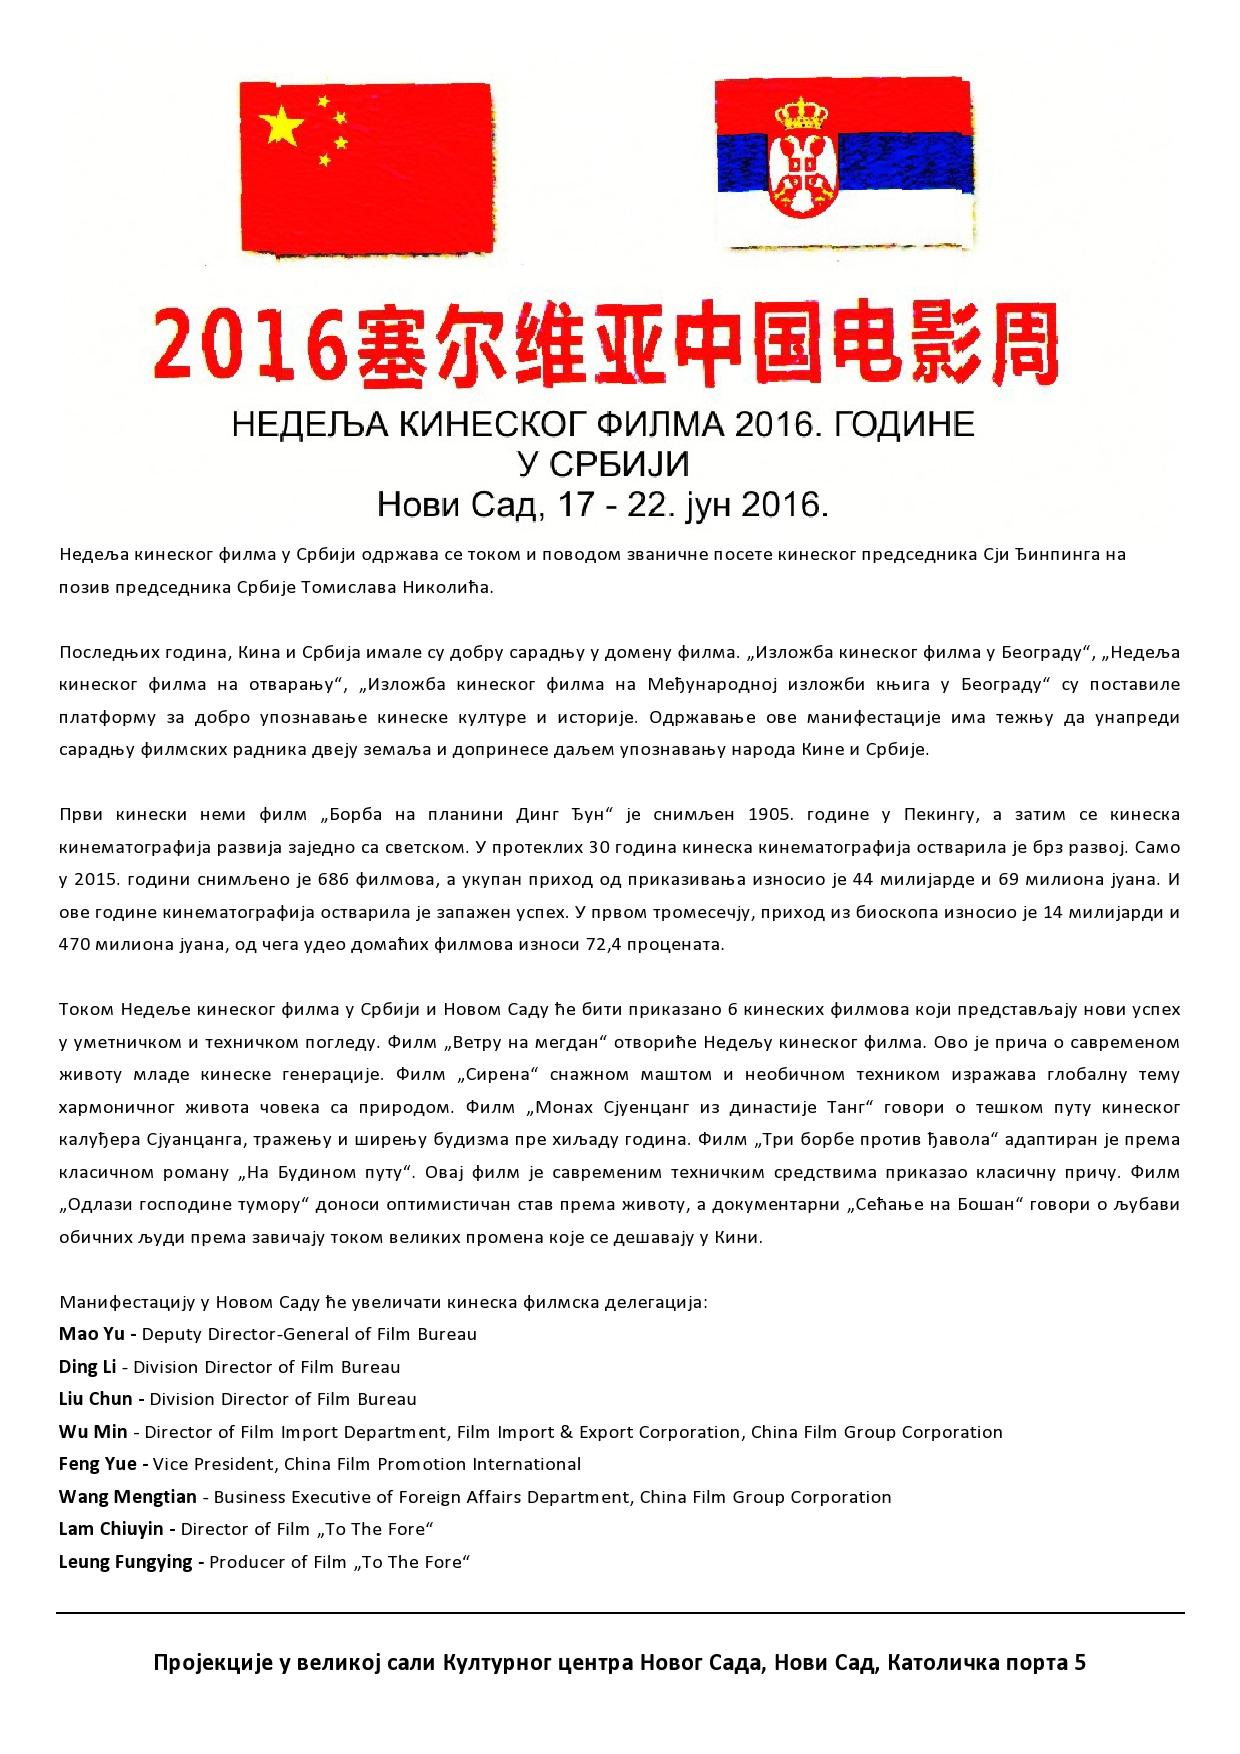 Nedelja kineskog filma u Novom Sadu-page0001